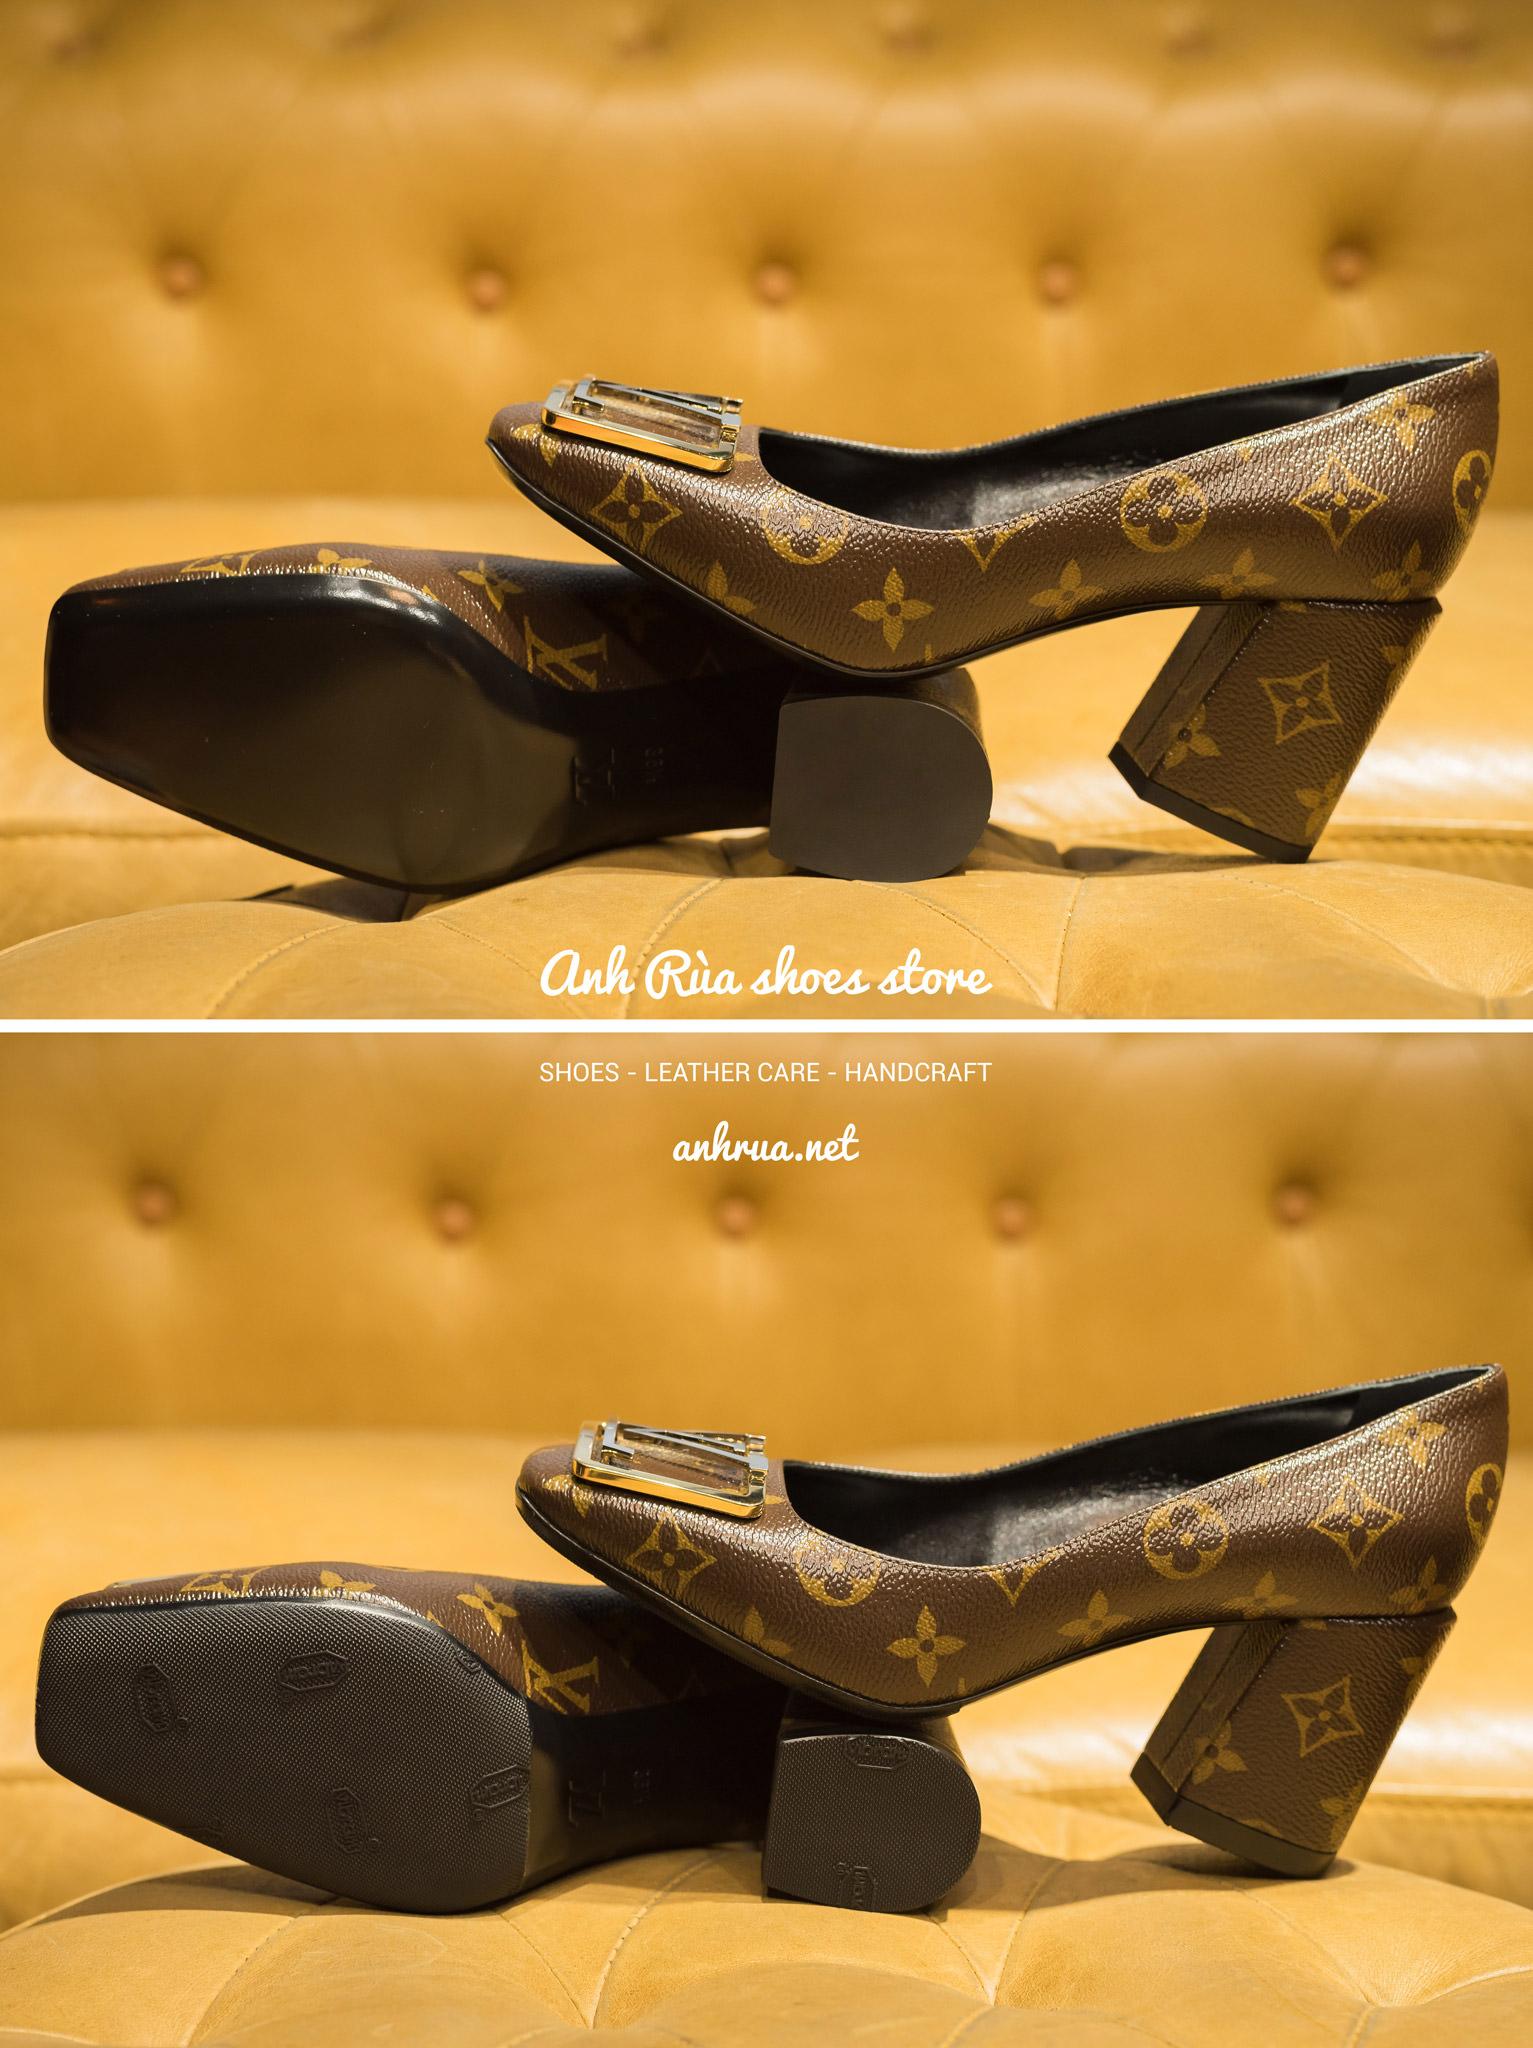 Dán đế giày Vibram trước sau đen